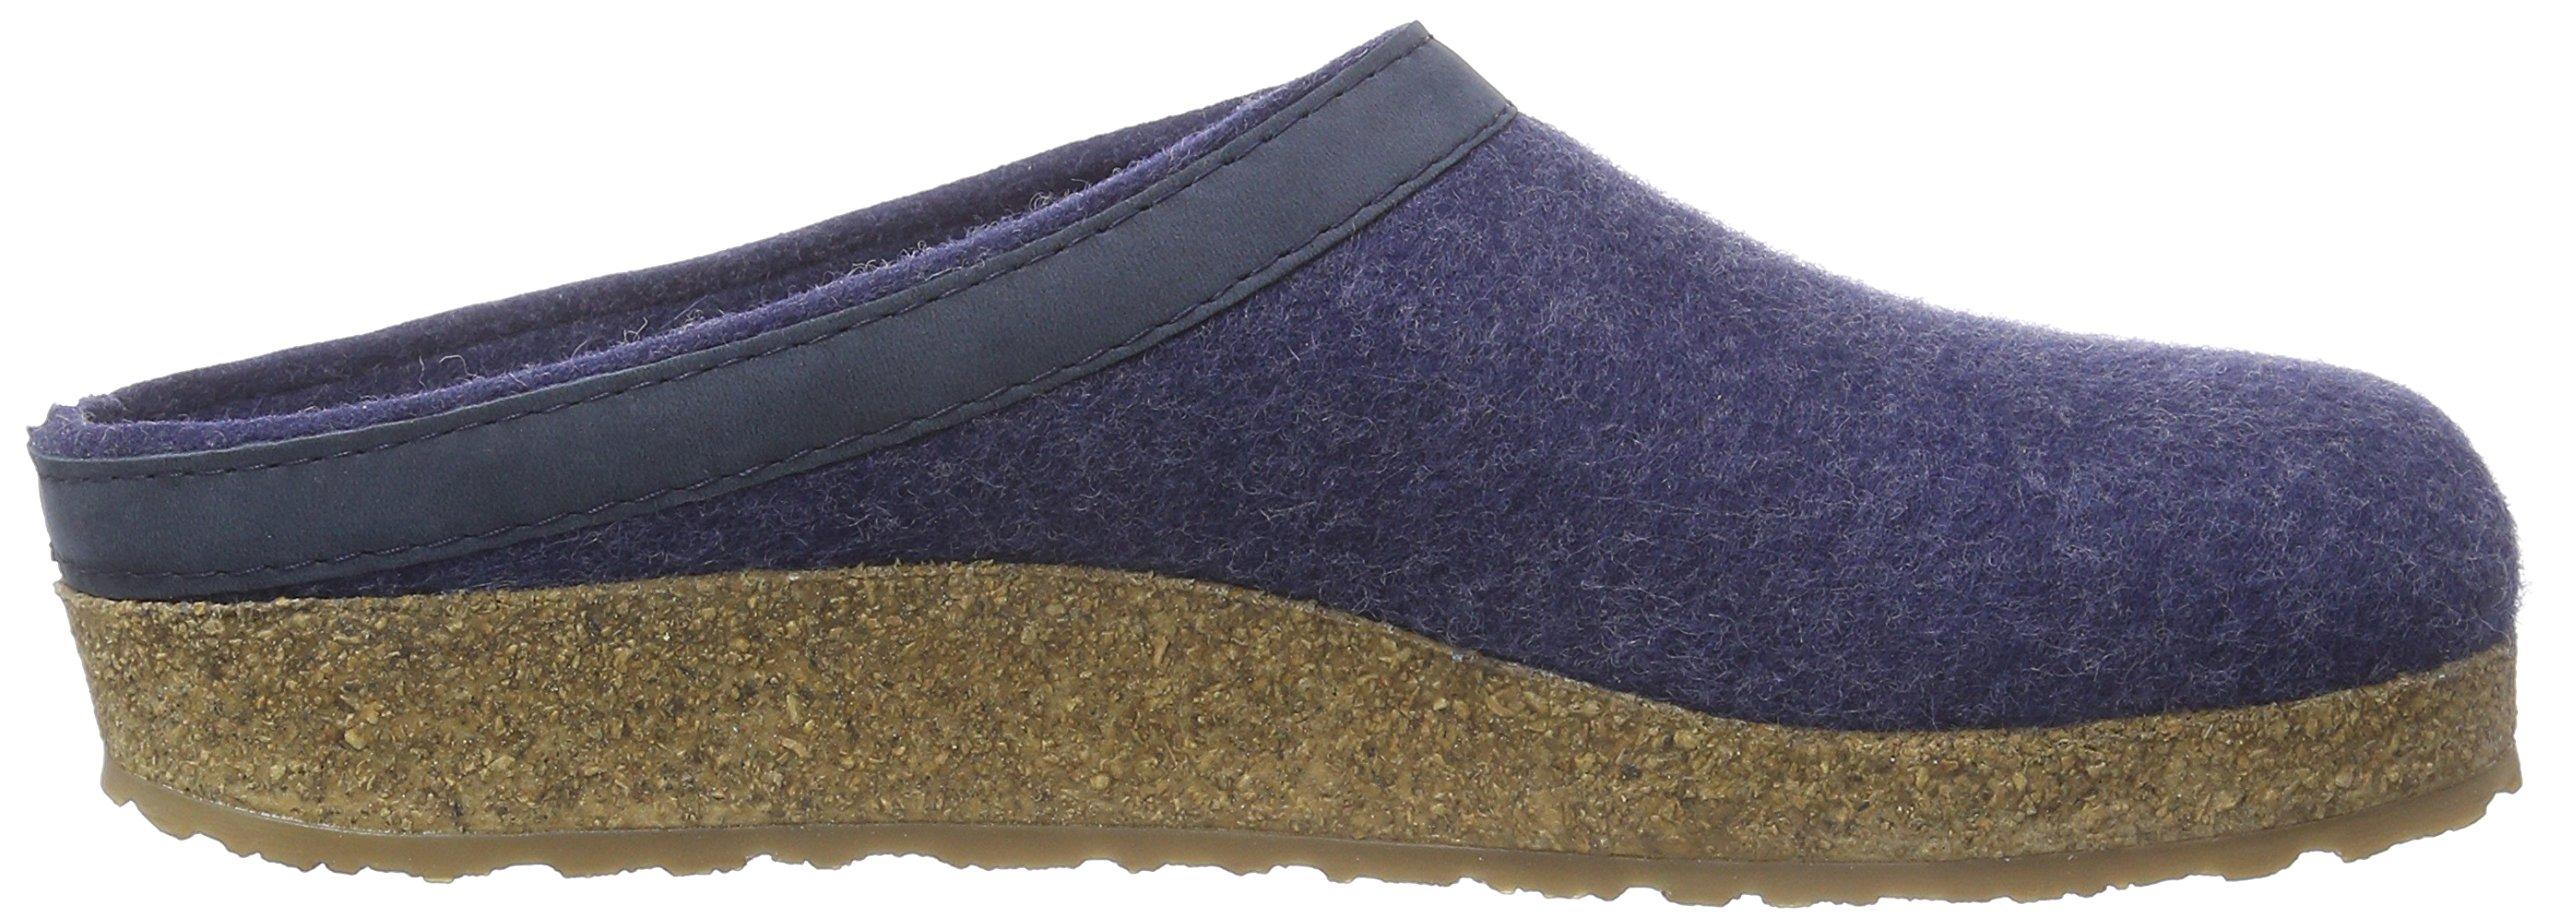 Haflinger 713001 Slippers, Filztoffel Grizzly Torben, Jeans, Gr 50 by Haflinger (Image #11)